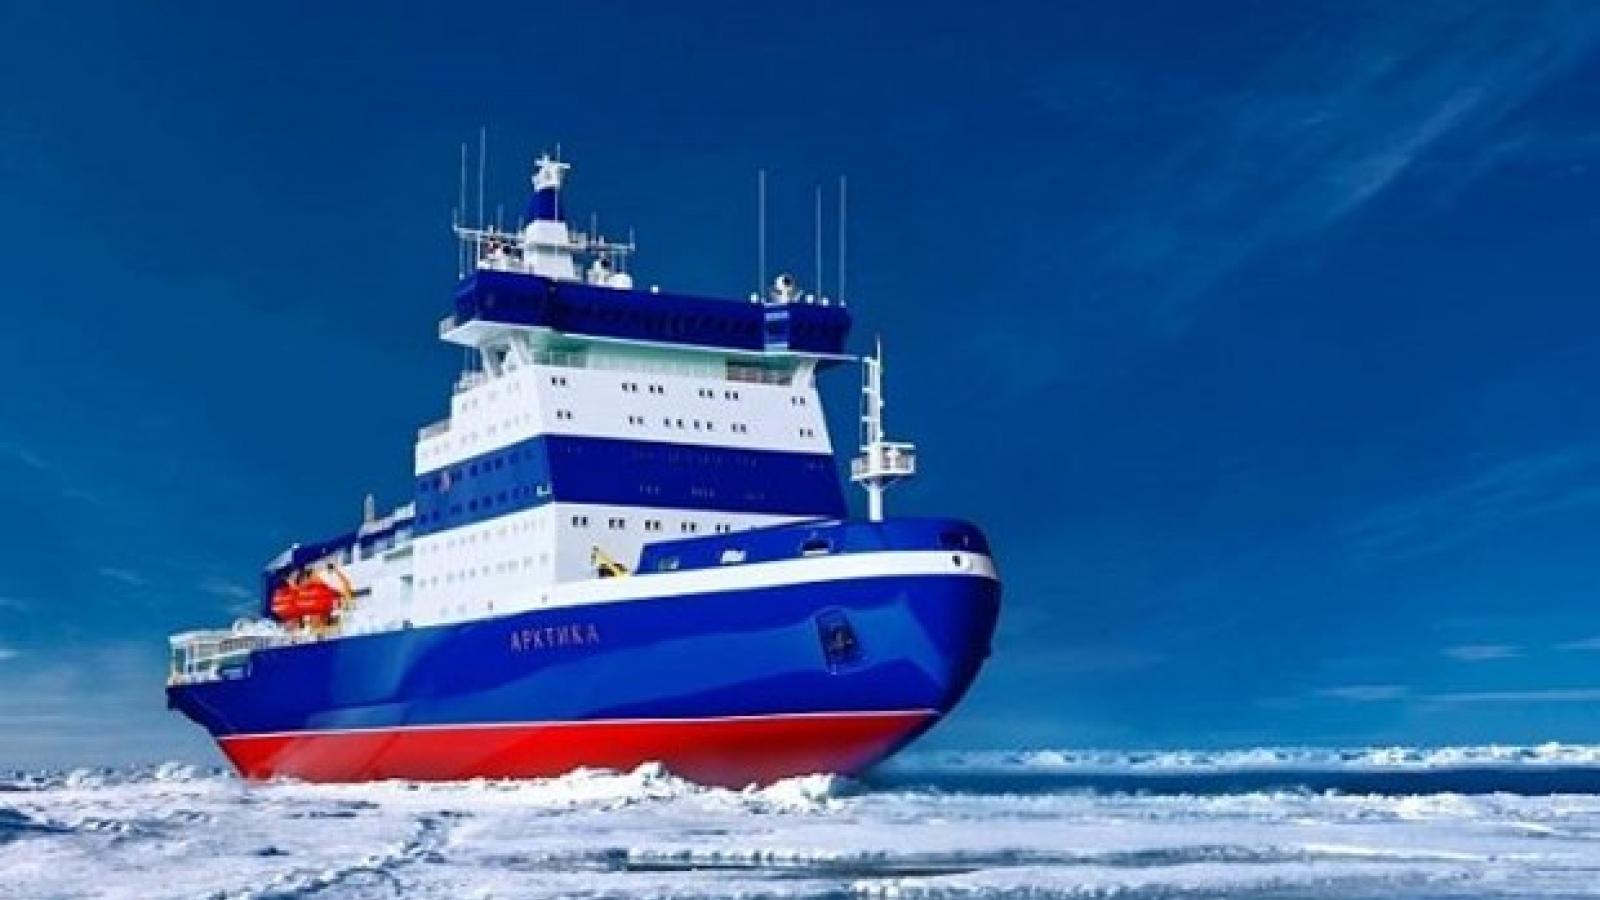 """Nga muốn giành lại """"ưu thế"""" tại Bắc Cực, tuyên bố đưa tàu phá băng trở lại"""